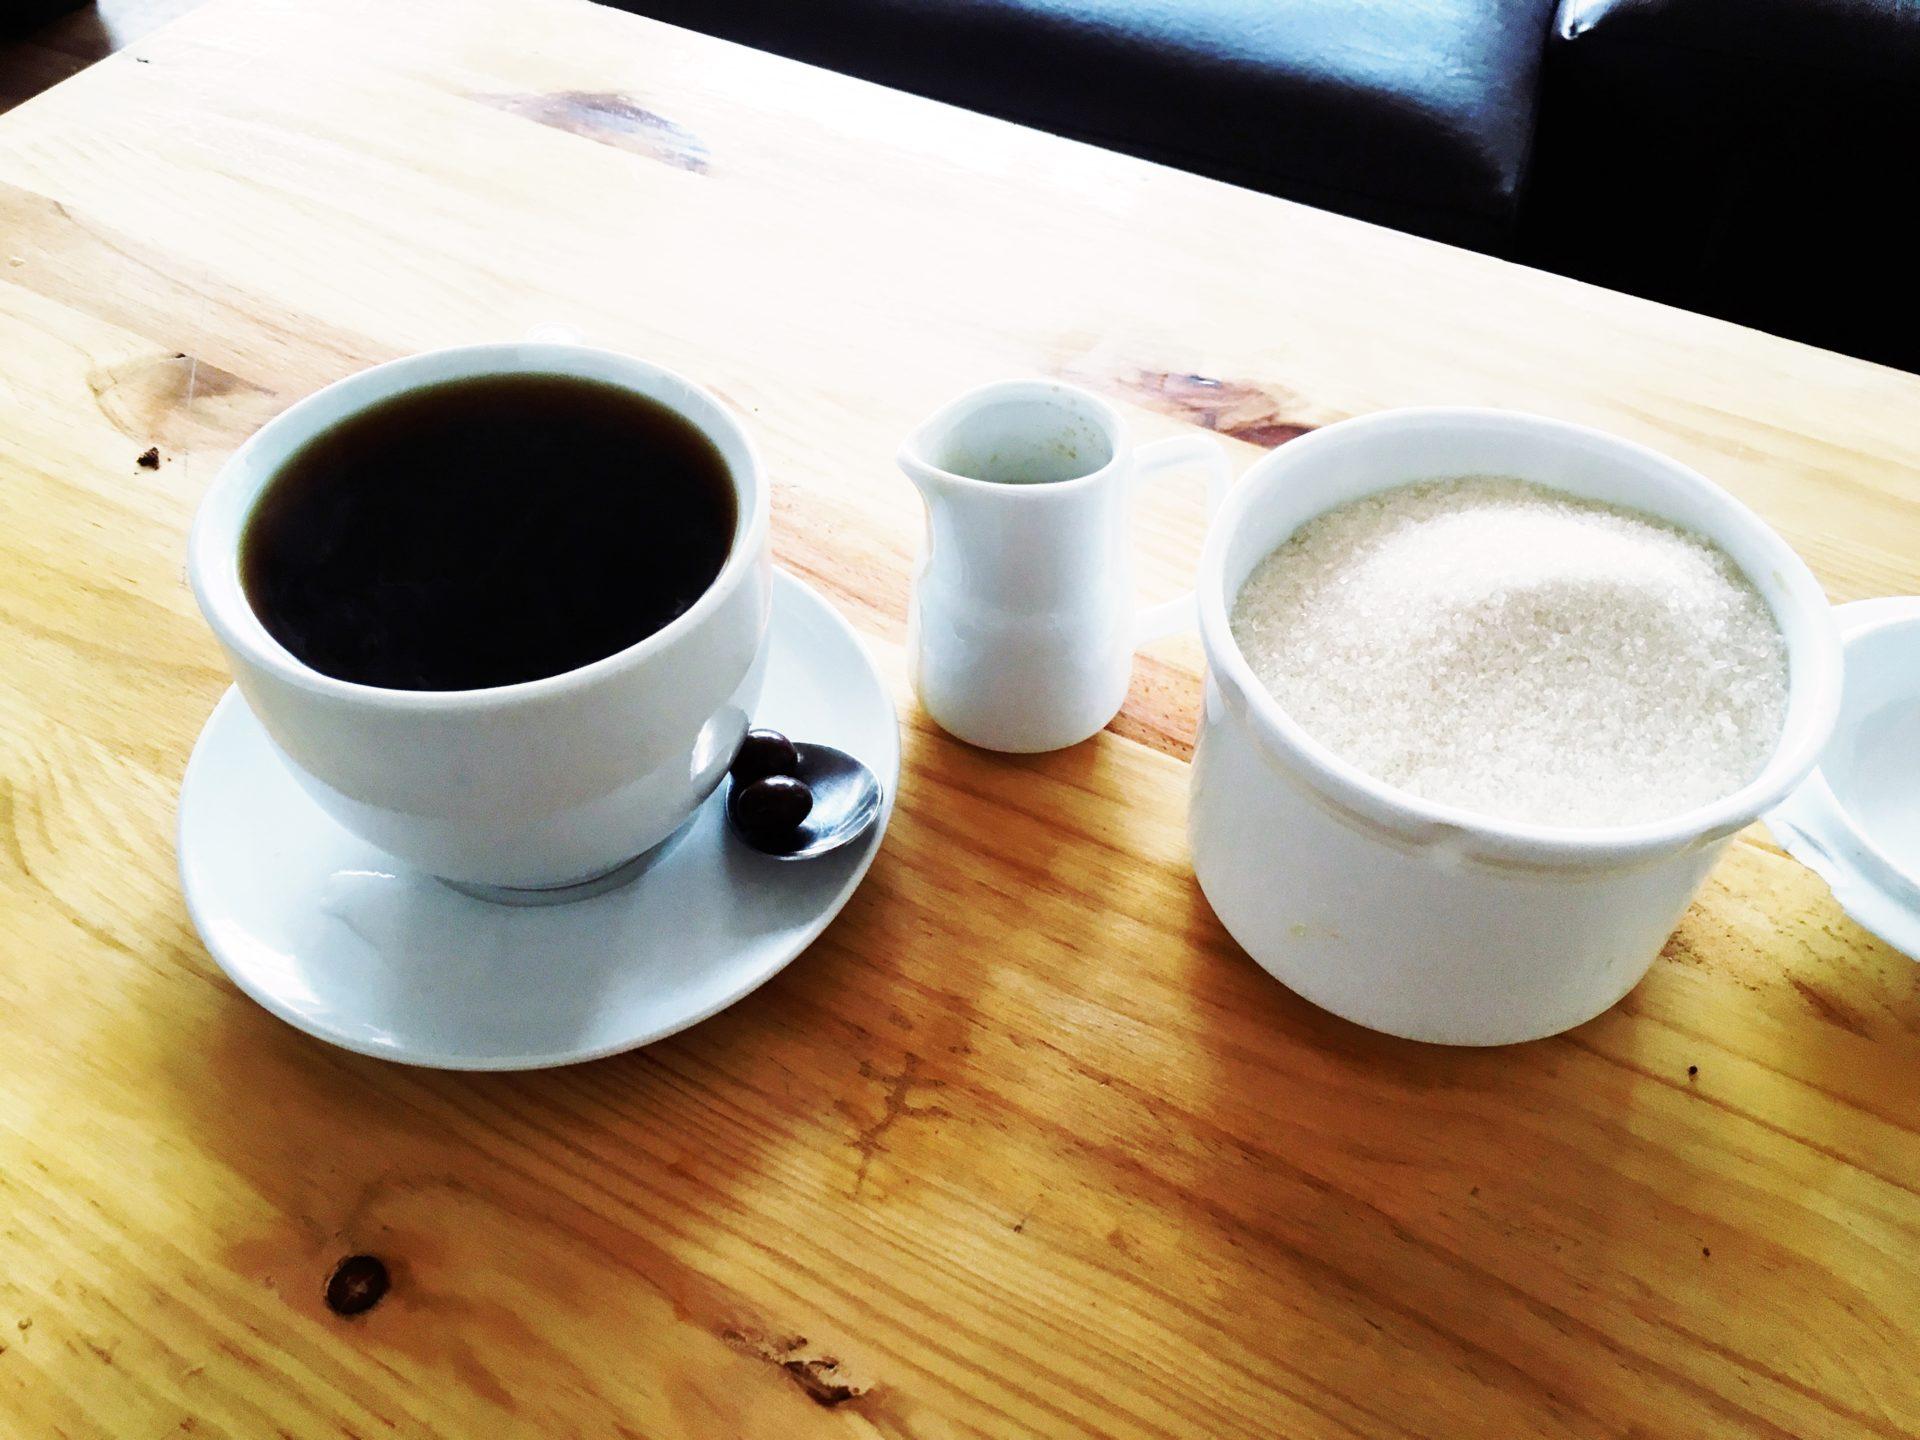 ペルー, クスコ, カフェ, チョコレート, コーヒー